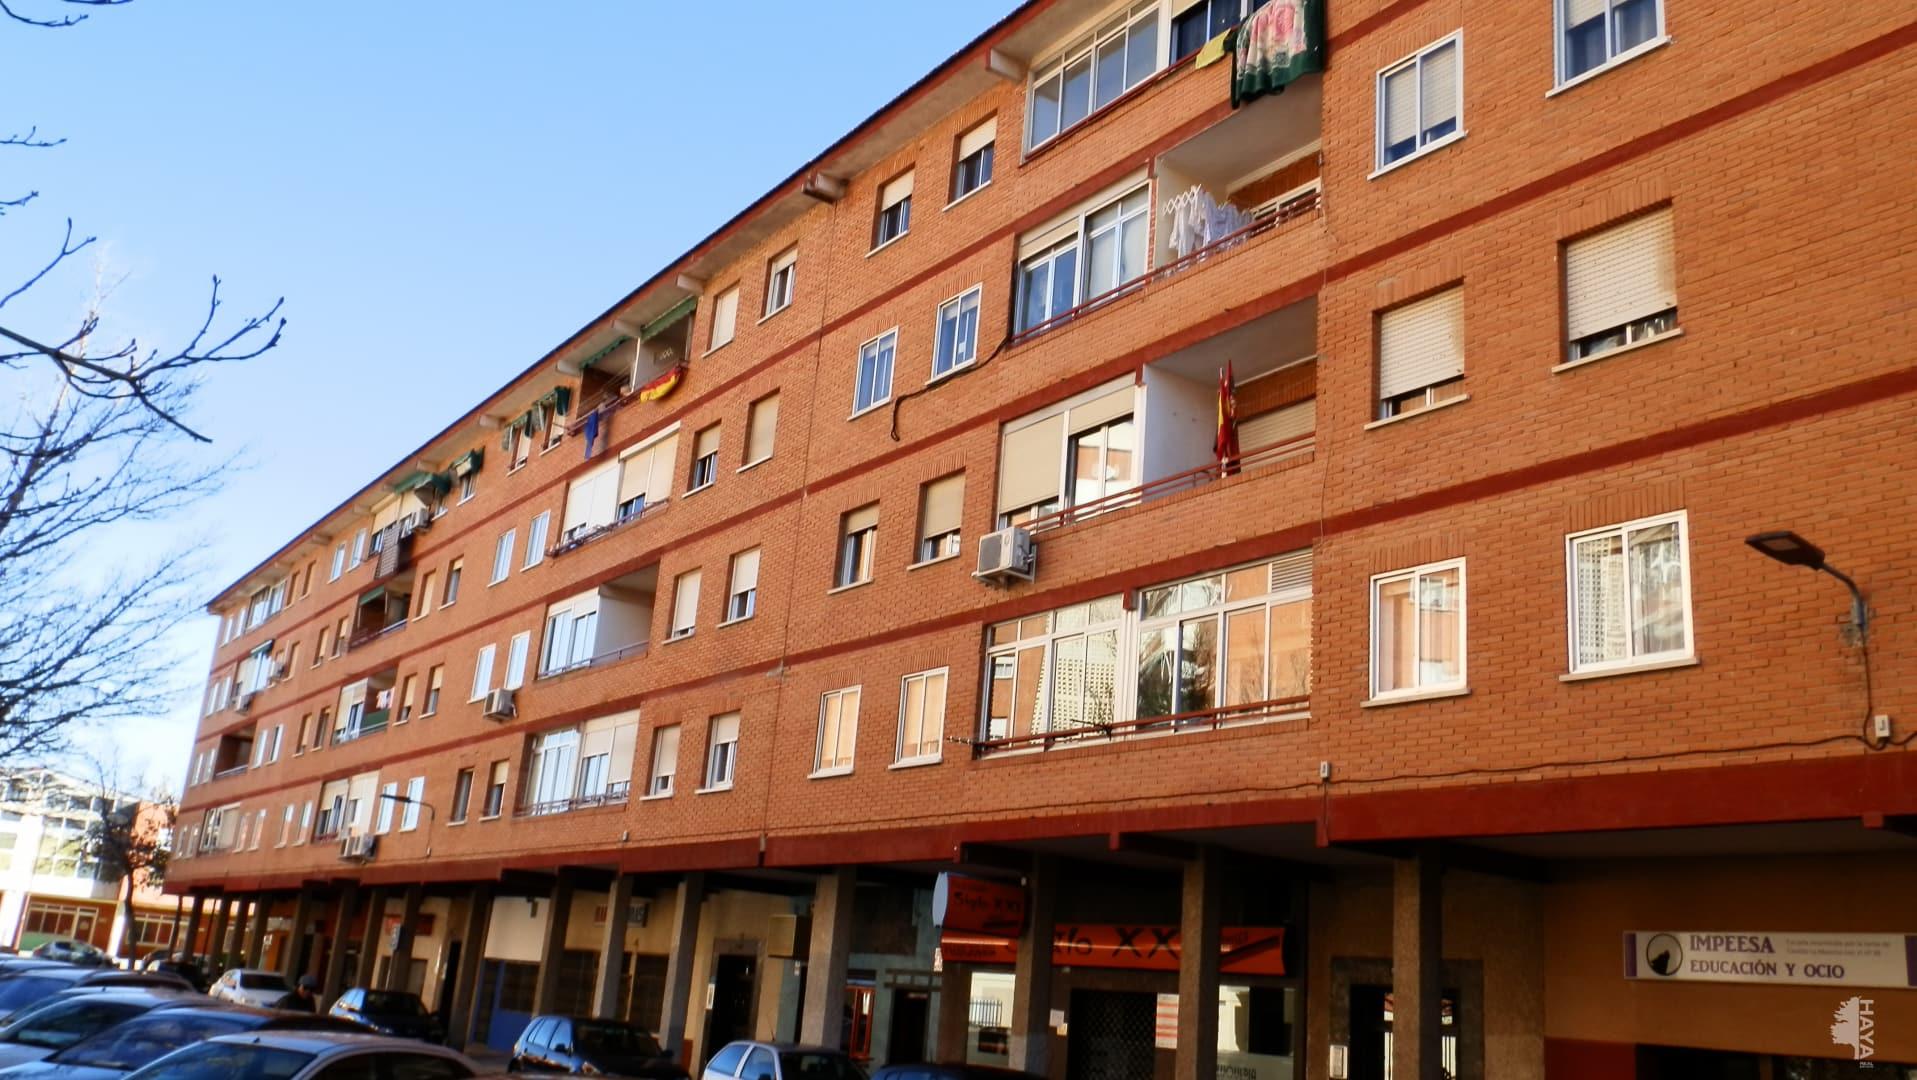 Piso en venta en Azuqueca de Henares, Guadalajara, Calle Burgos, 65.649 €, 2 habitaciones, 1 baño, 59 m2